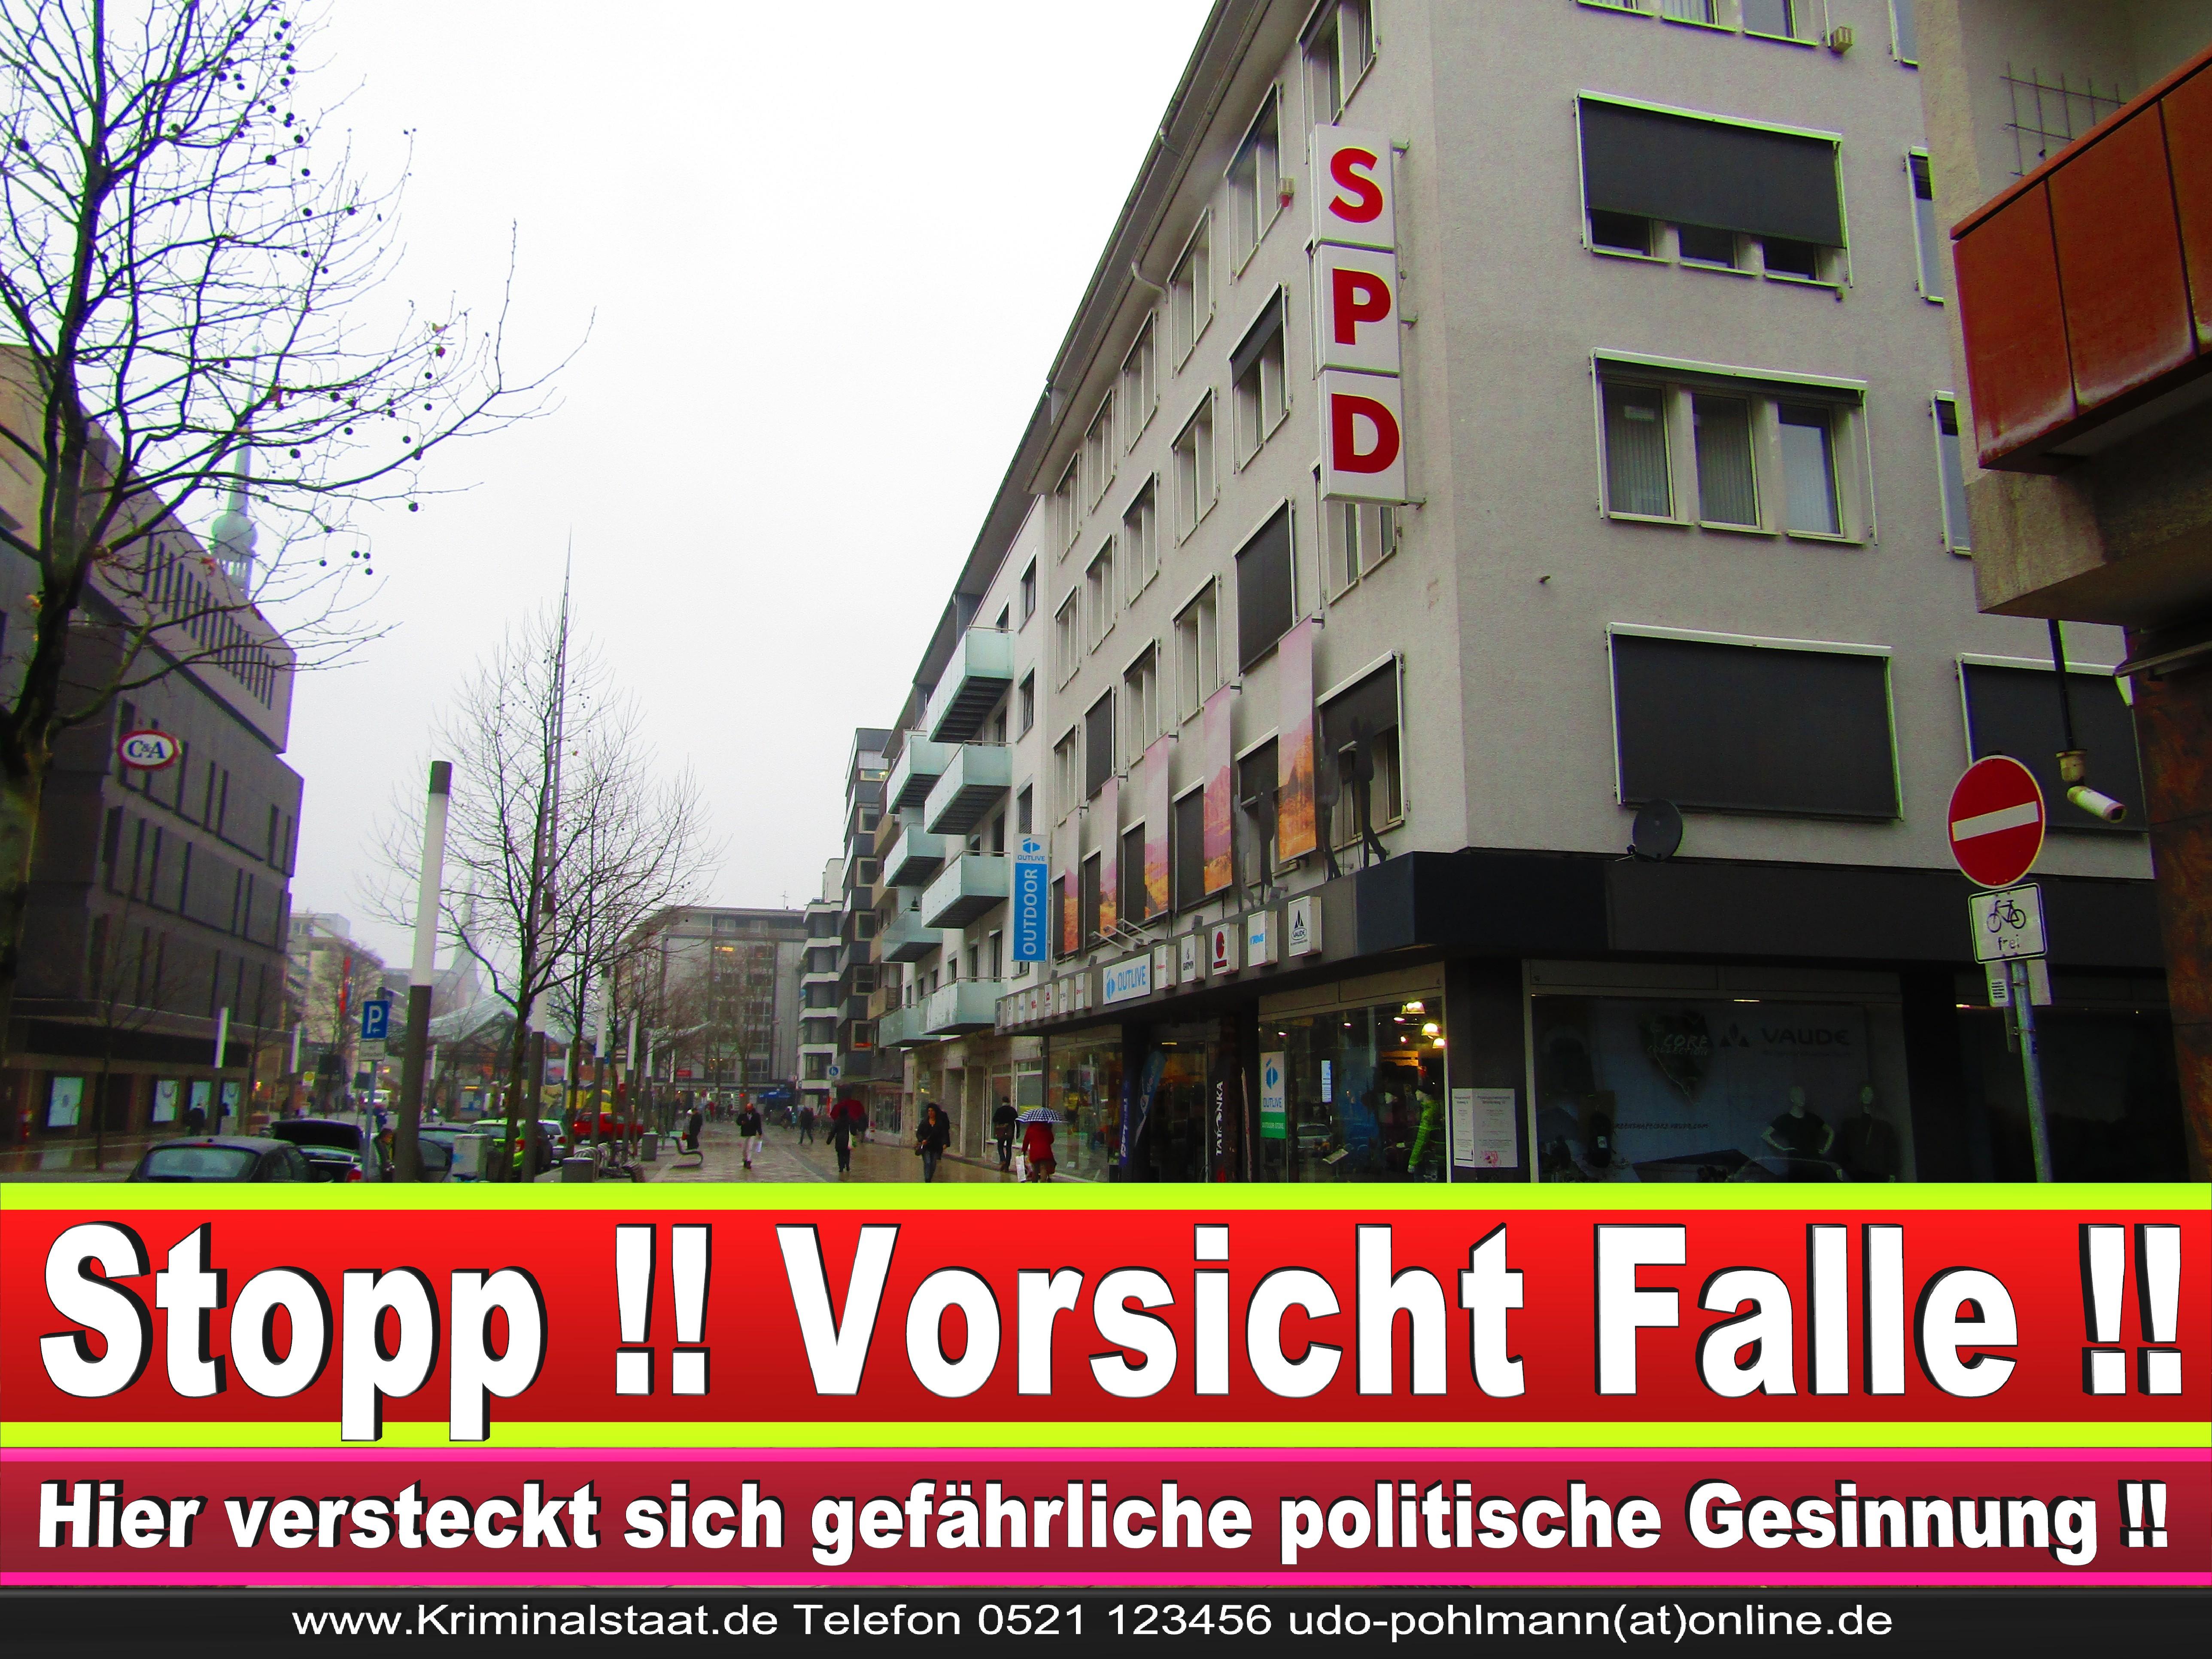 SPD DORTMUND BüRGERBüRO SPD ORTSVERBAND RAT STADT RATSMITGLIEDER SPD FRAKTION GESCHäFTSSTELLE SPD NRW ADRESSE (11) 1 1